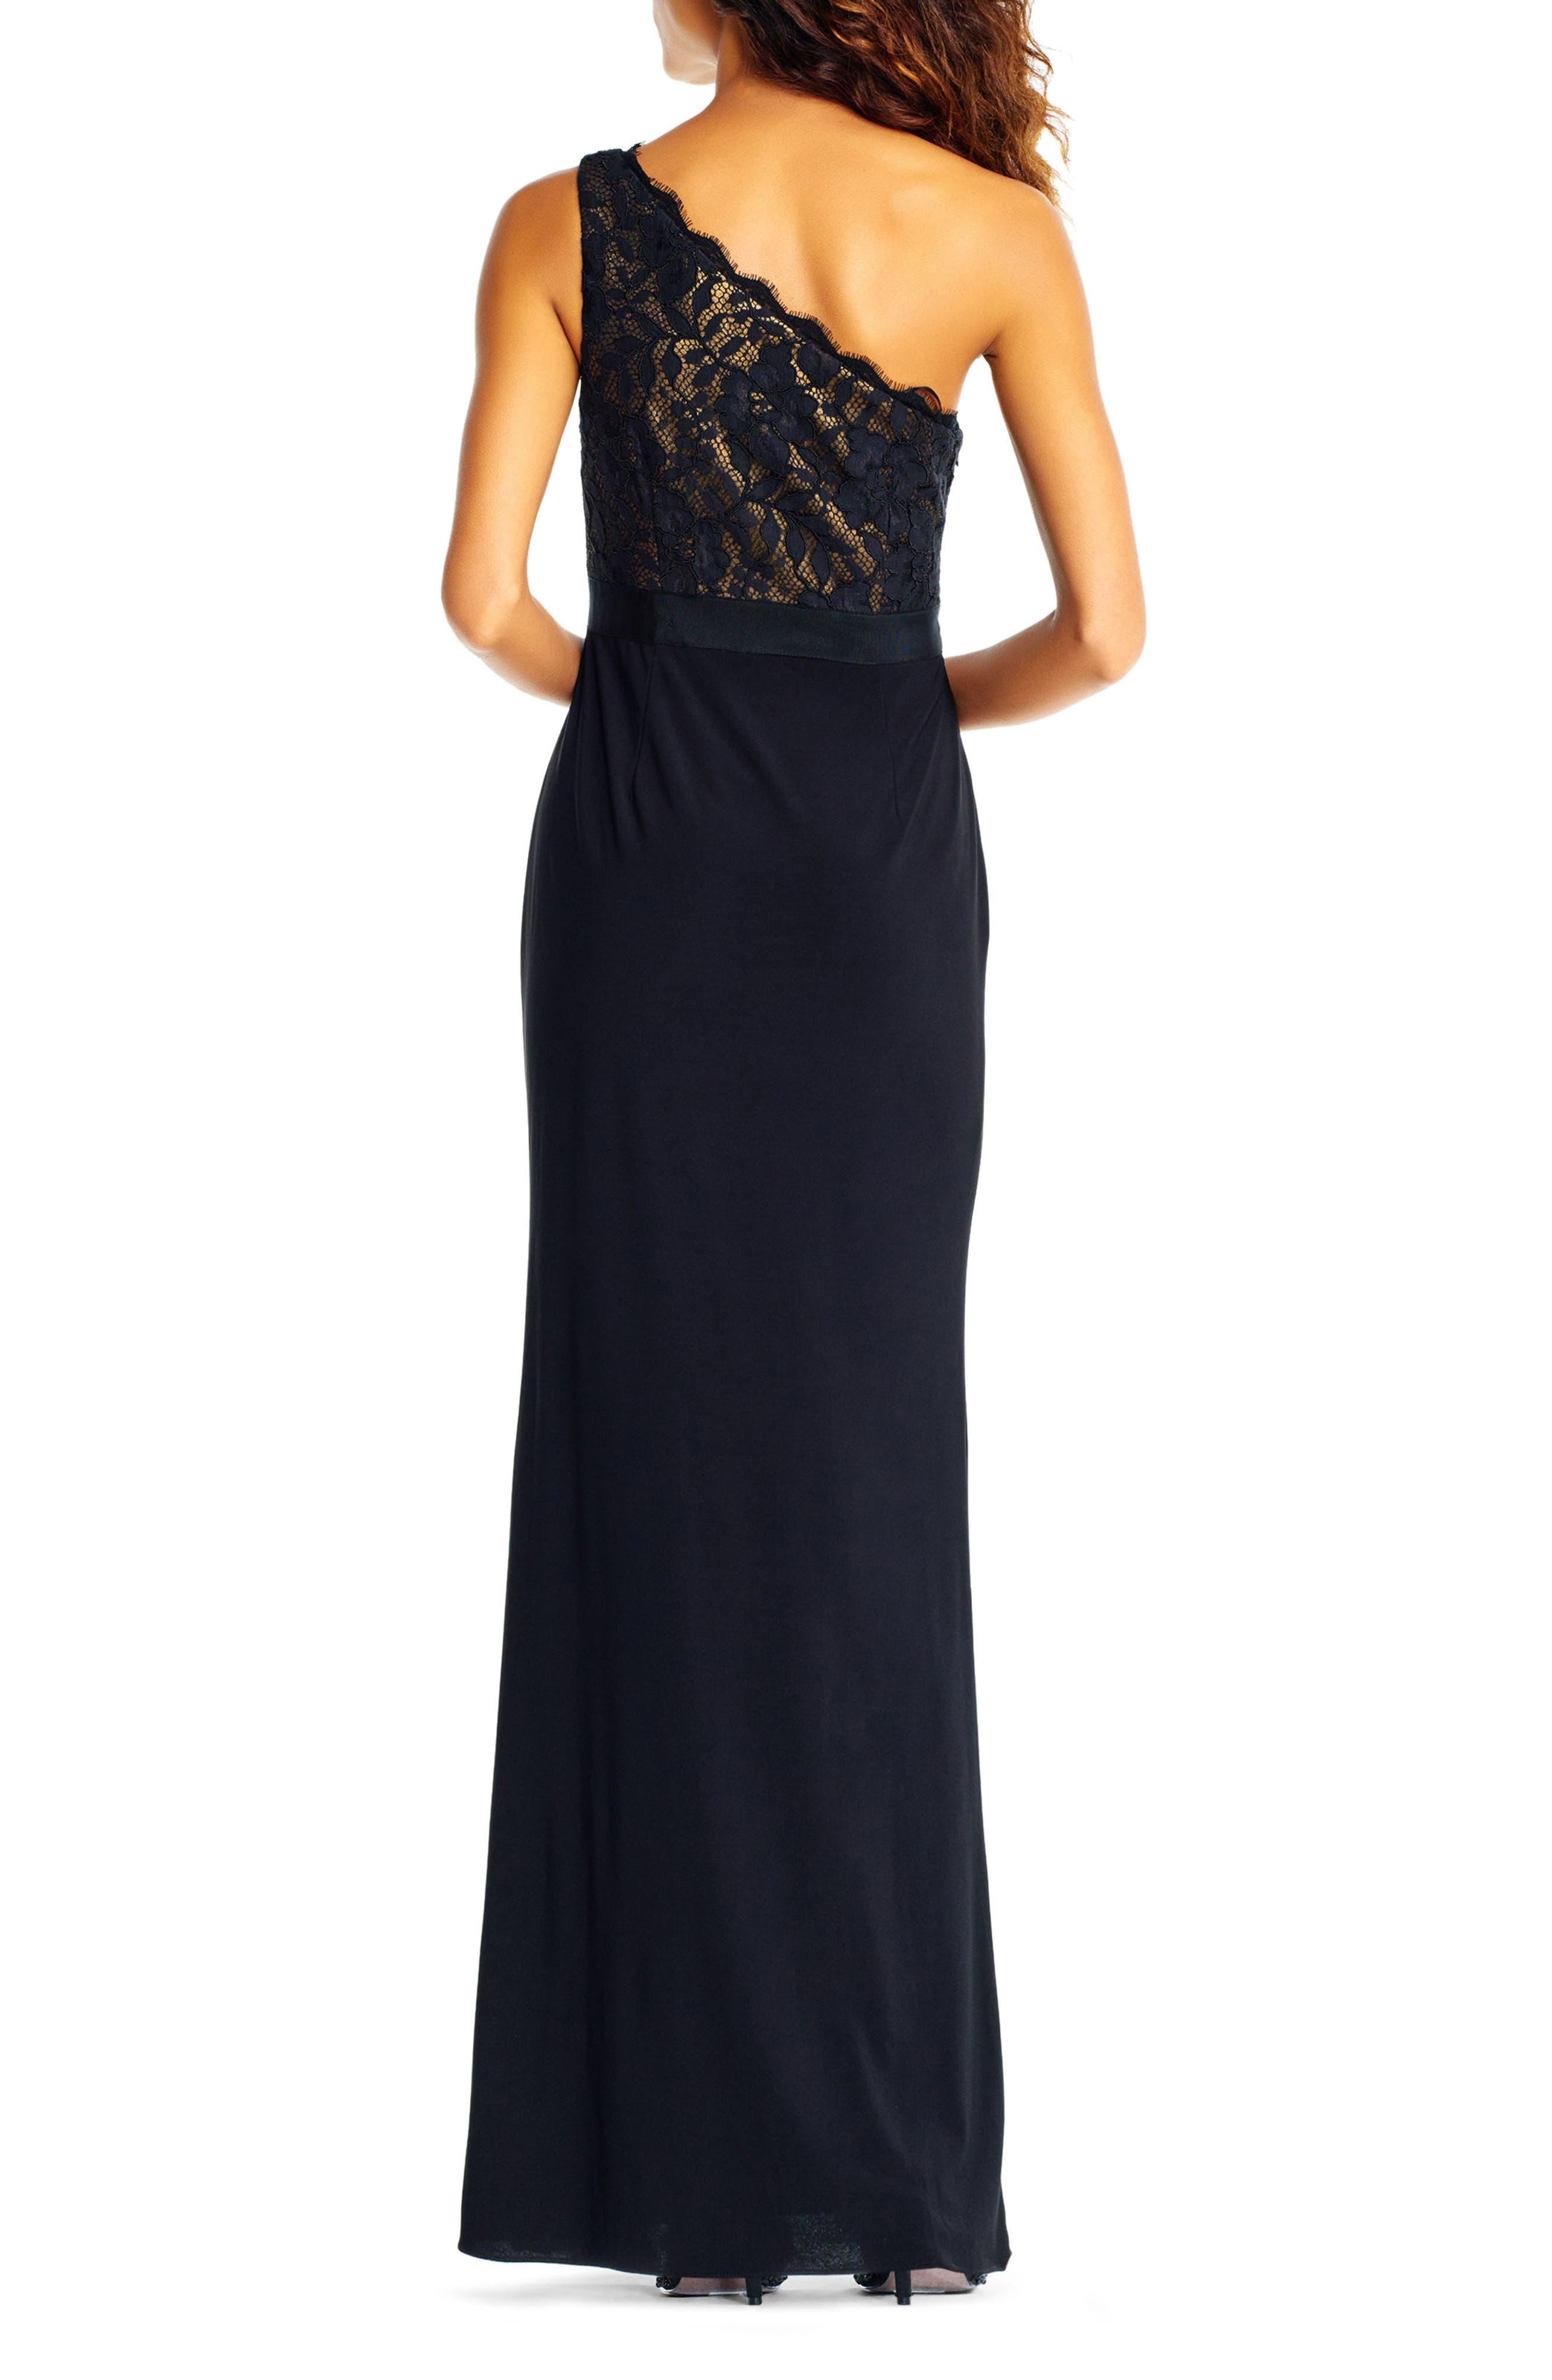 Lace One-Shoulder Gown,                             Alternate thumbnail 2, color,                             Black/Copper